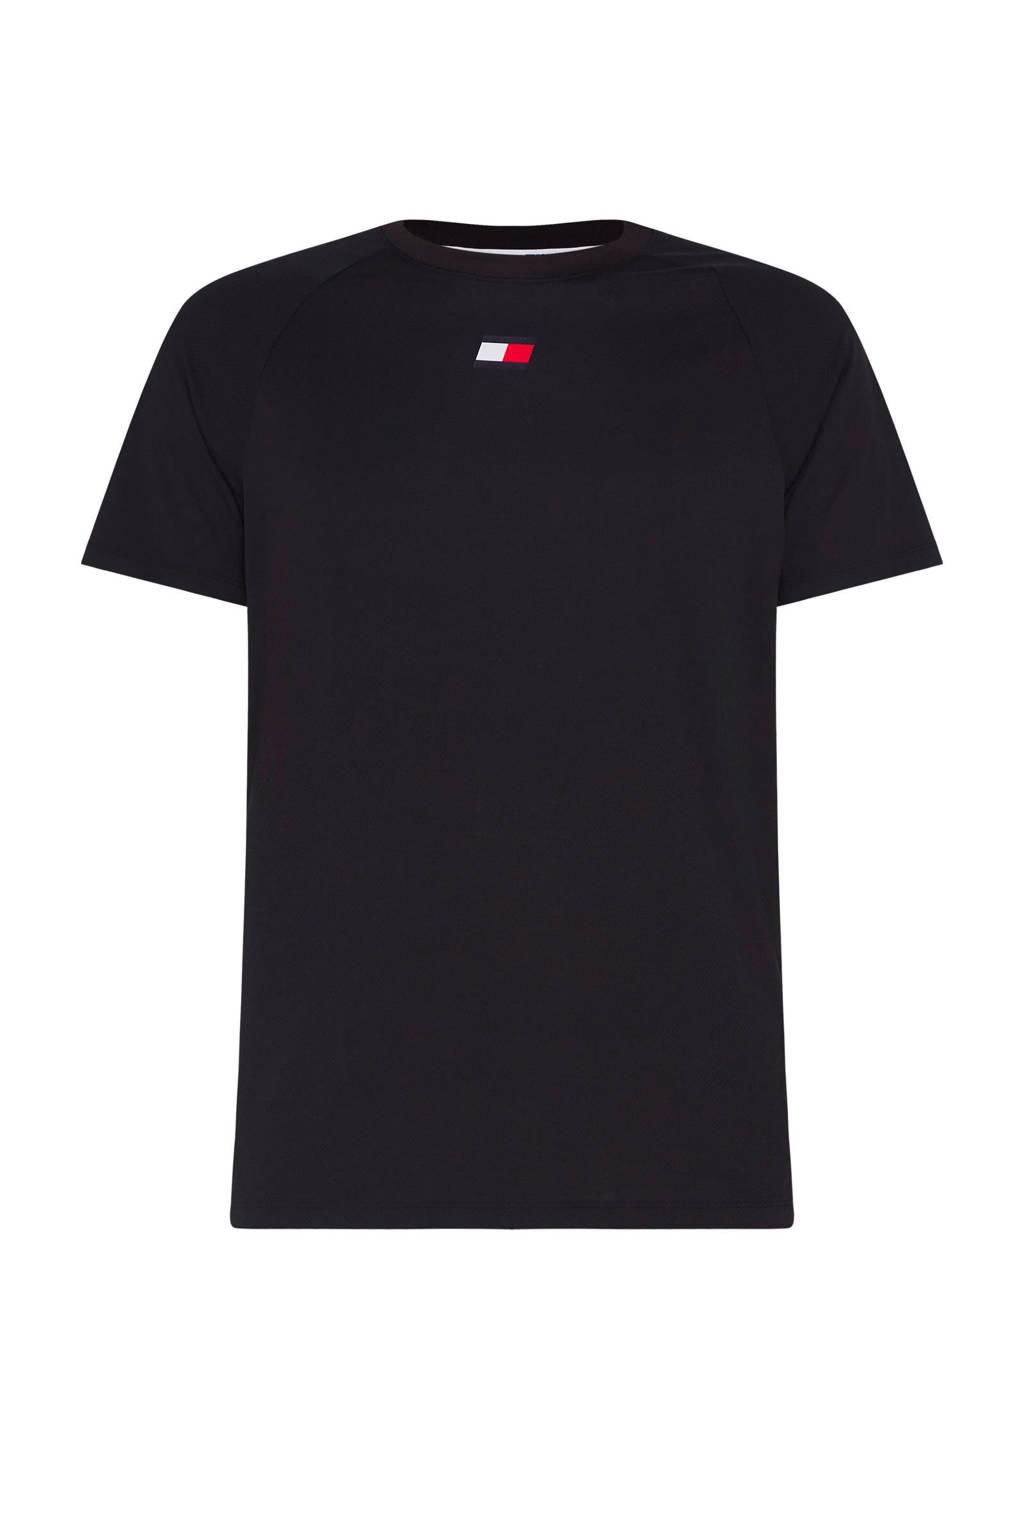 Tommy Hilfiger Sport   T-shirt zwart, Zwart